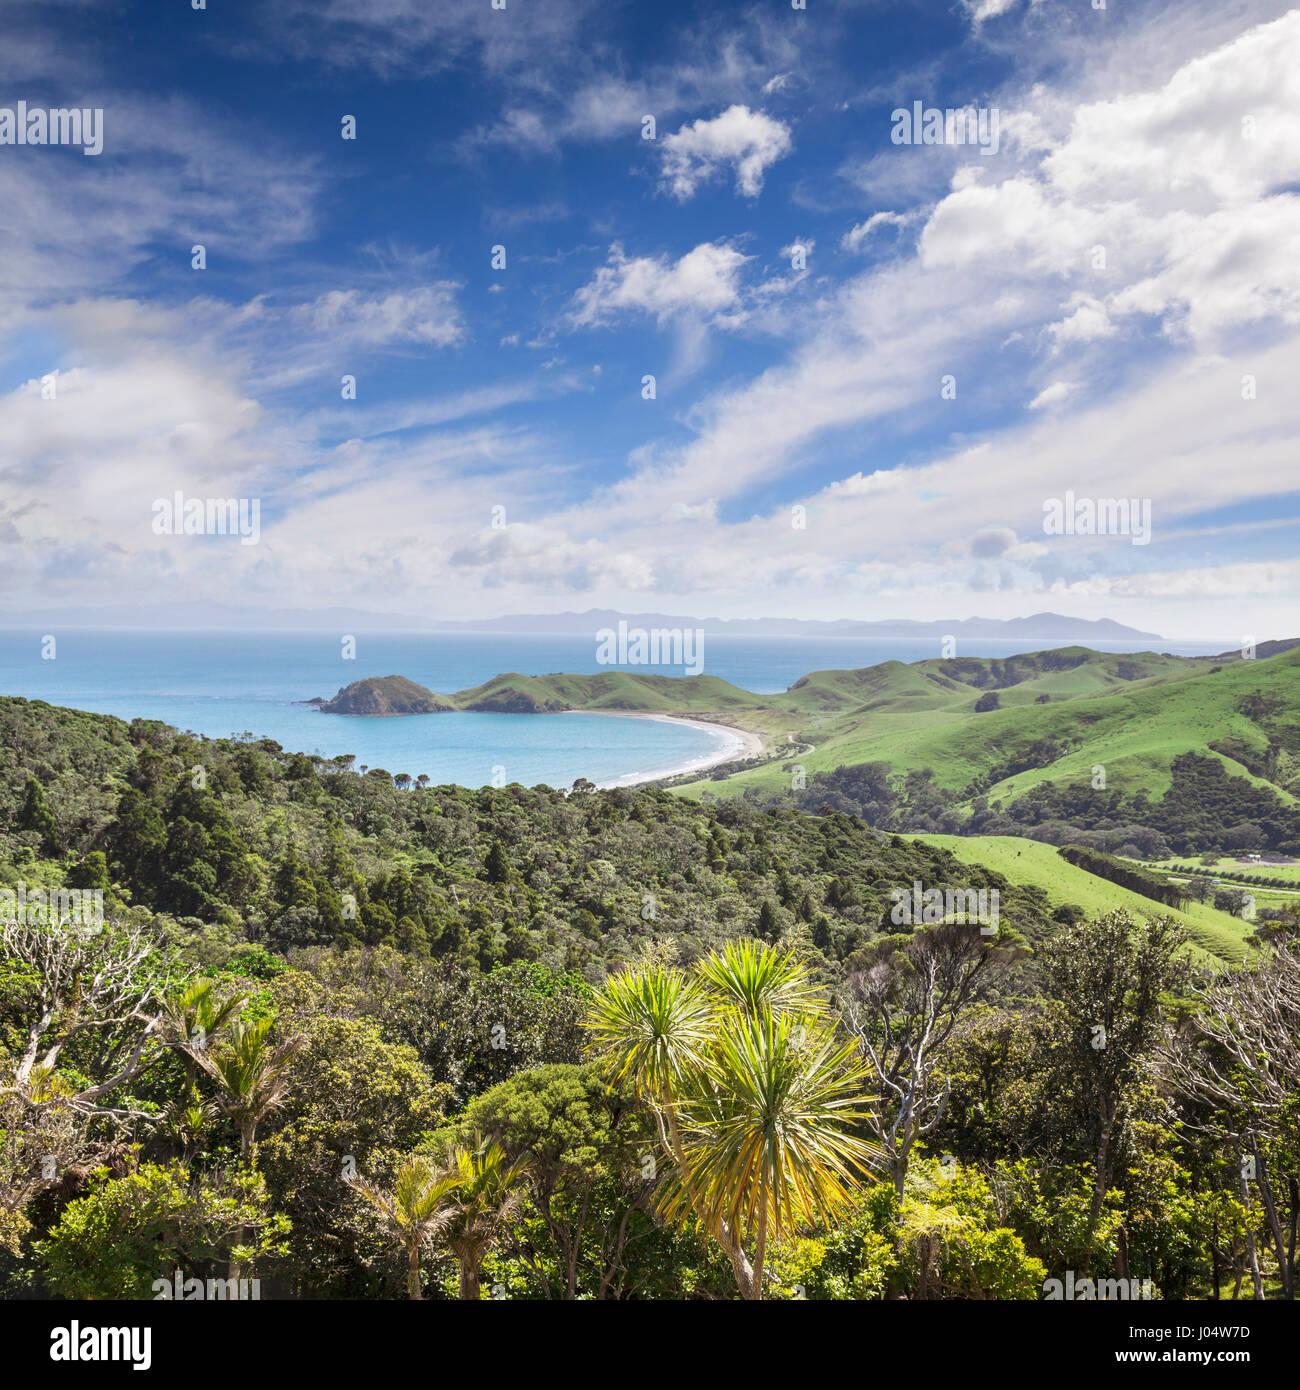 La bahía de Port Jackson, Coromandel, Nueva Zelandia. Imagen De Stock